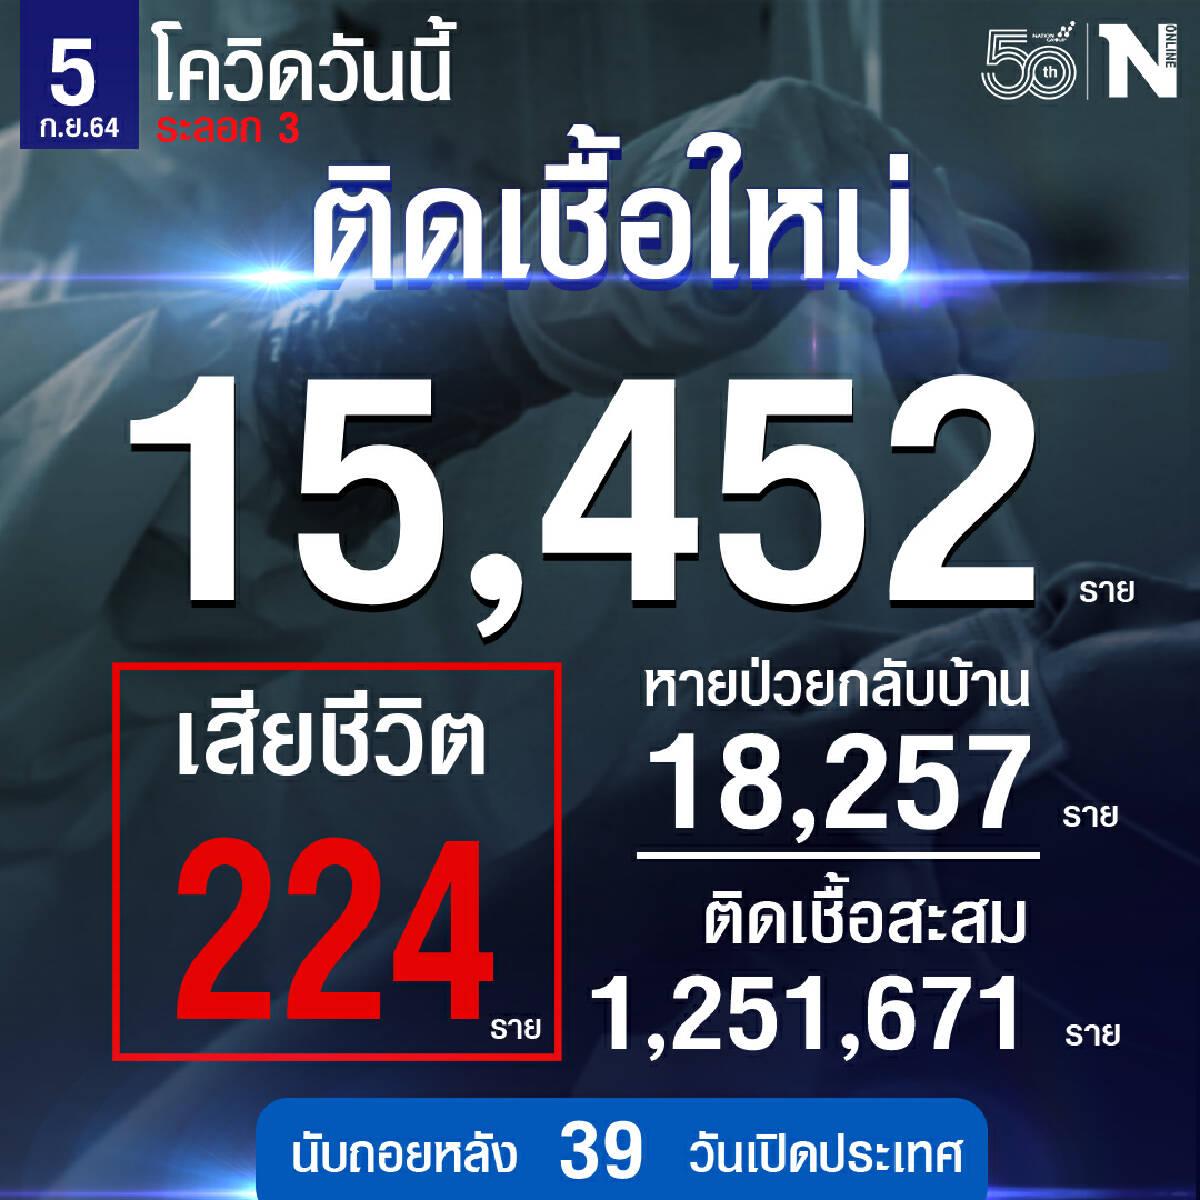 วันนี้ ศบค. เผย ยอดผู้ติดเชื้อ รวม 15,452 หายป่วย 18,257 เสียชีวิต 224 ราย